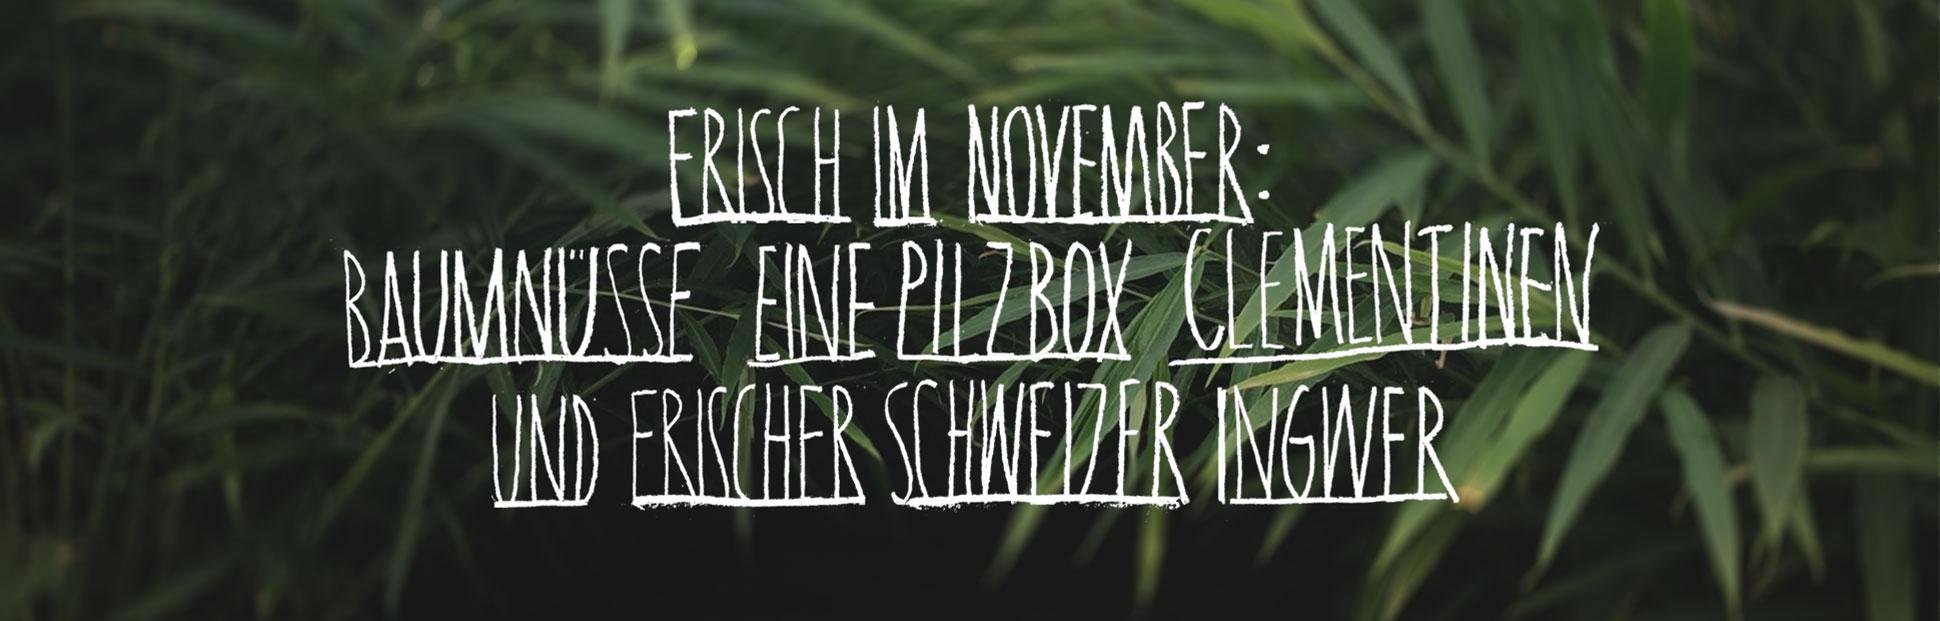 Frisch im November